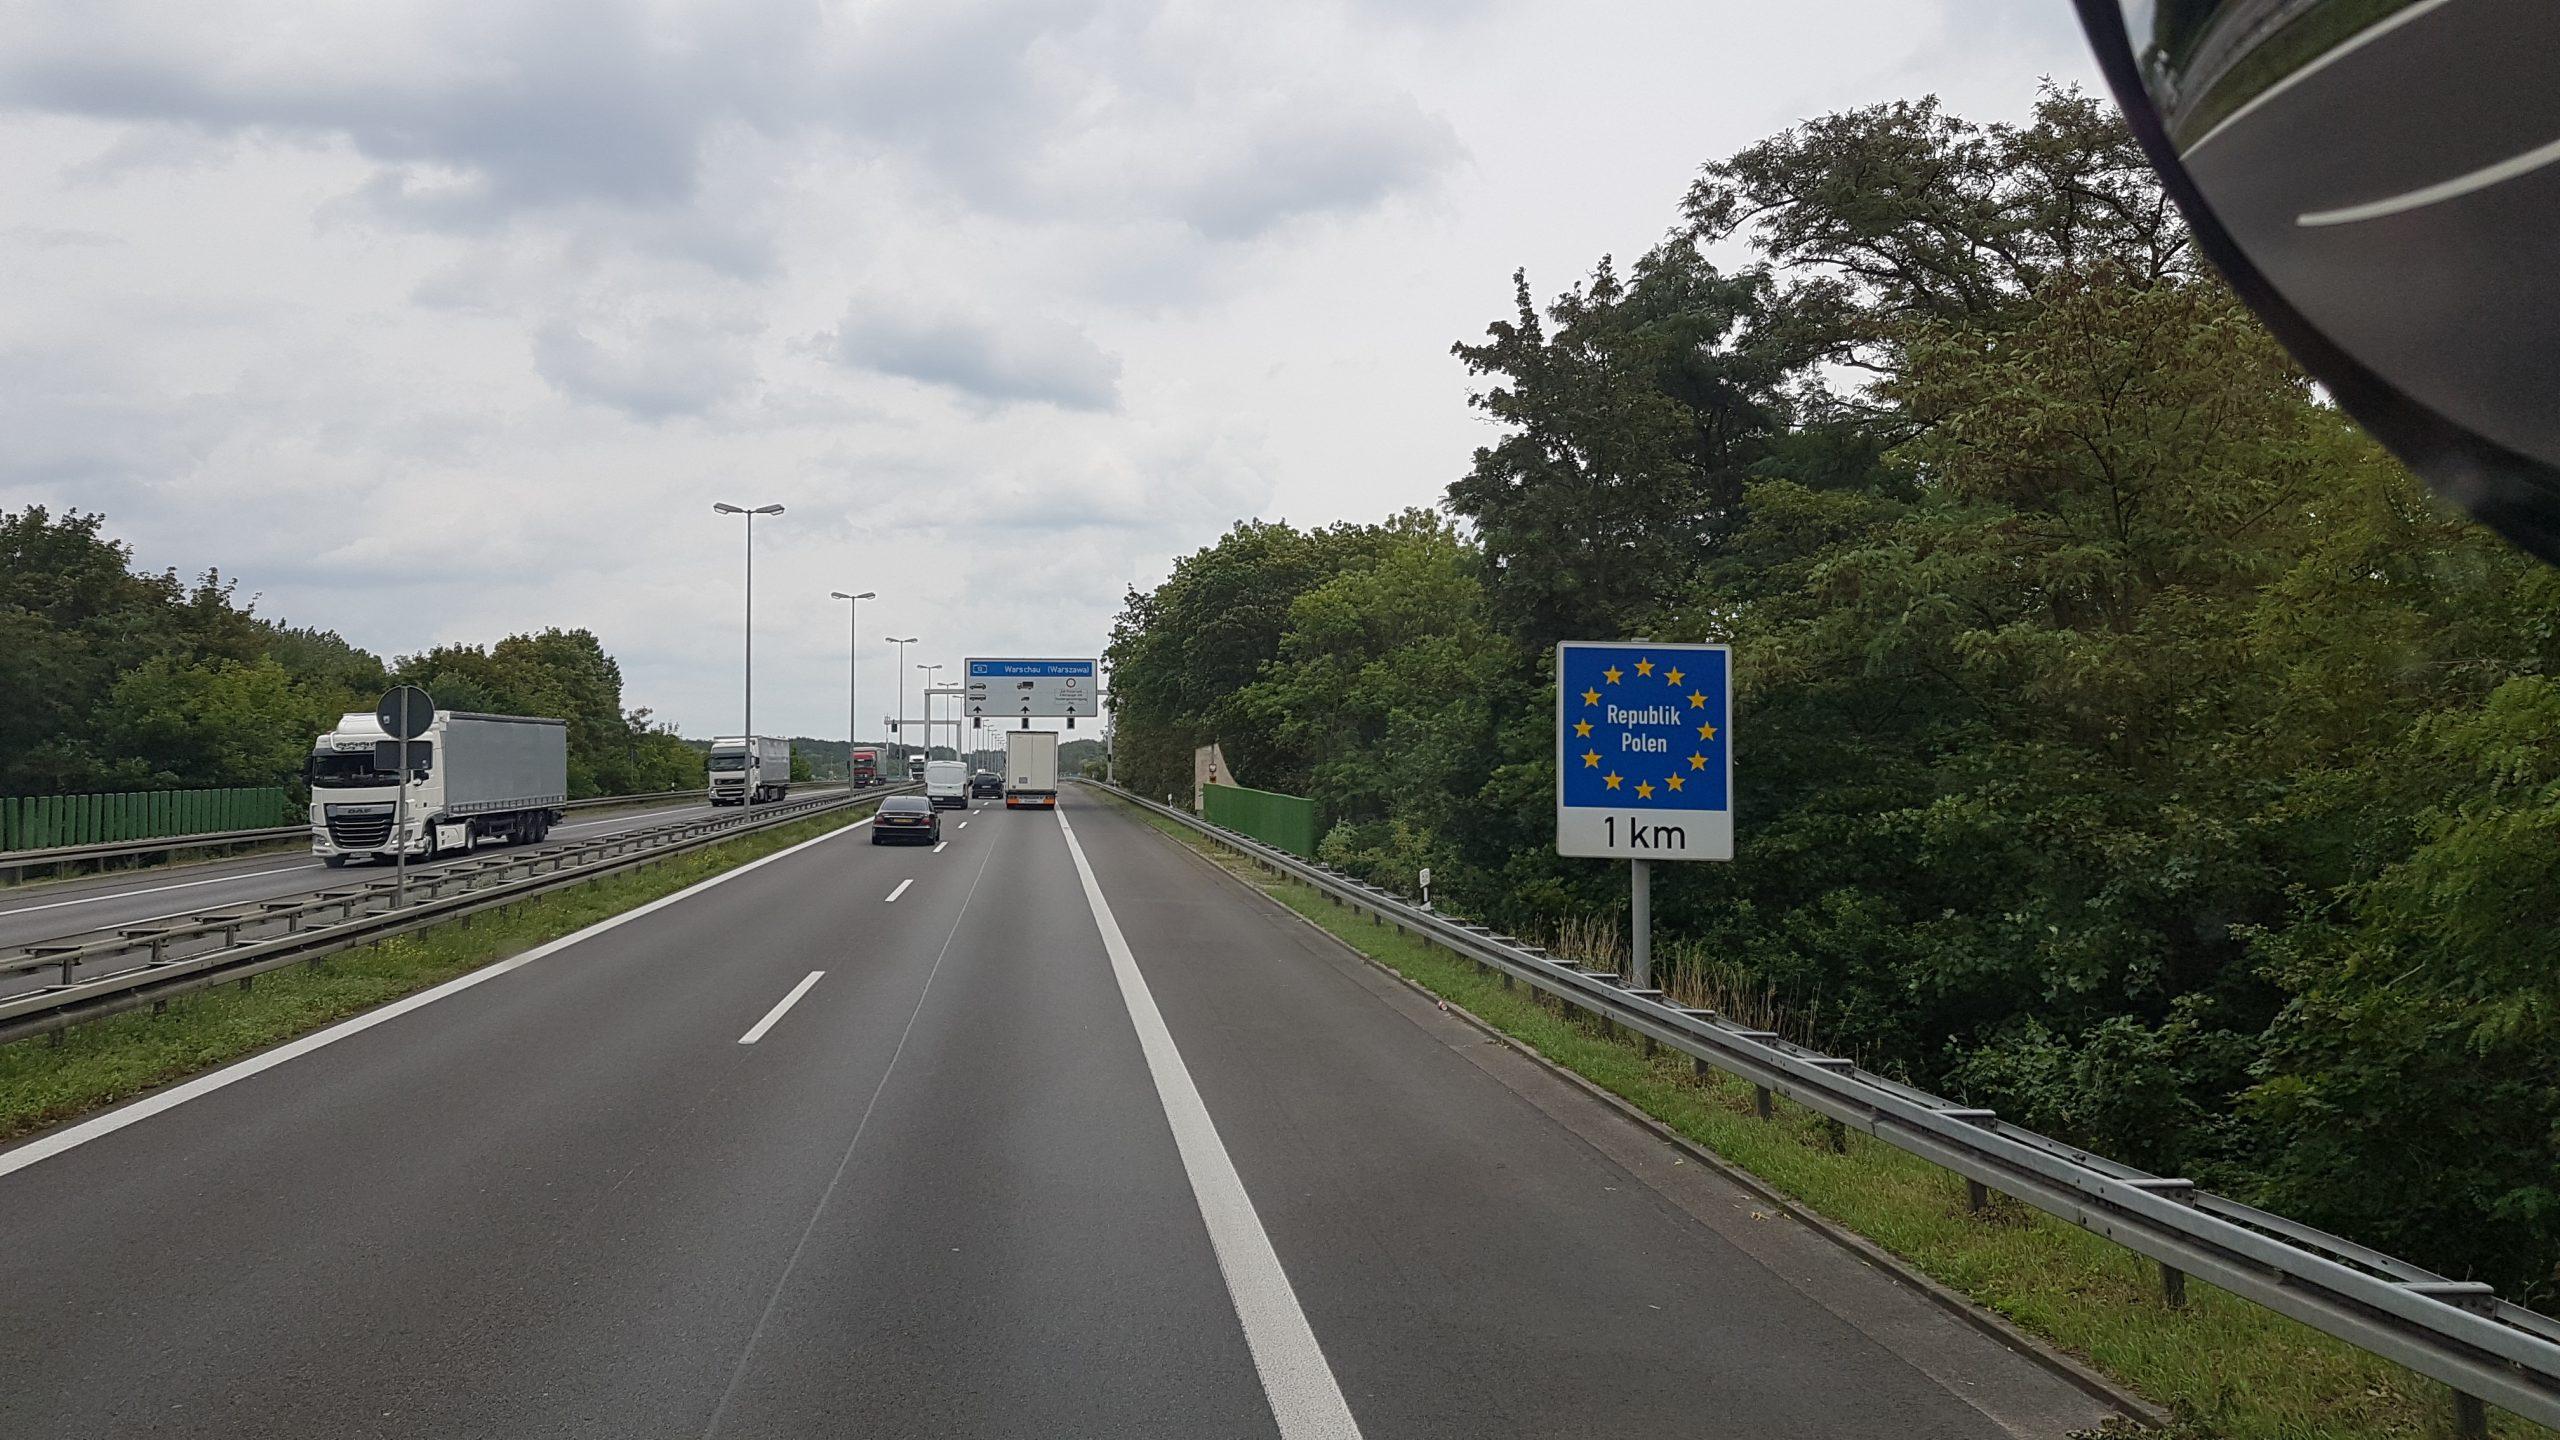 22 juillet : Entrée en Pologne